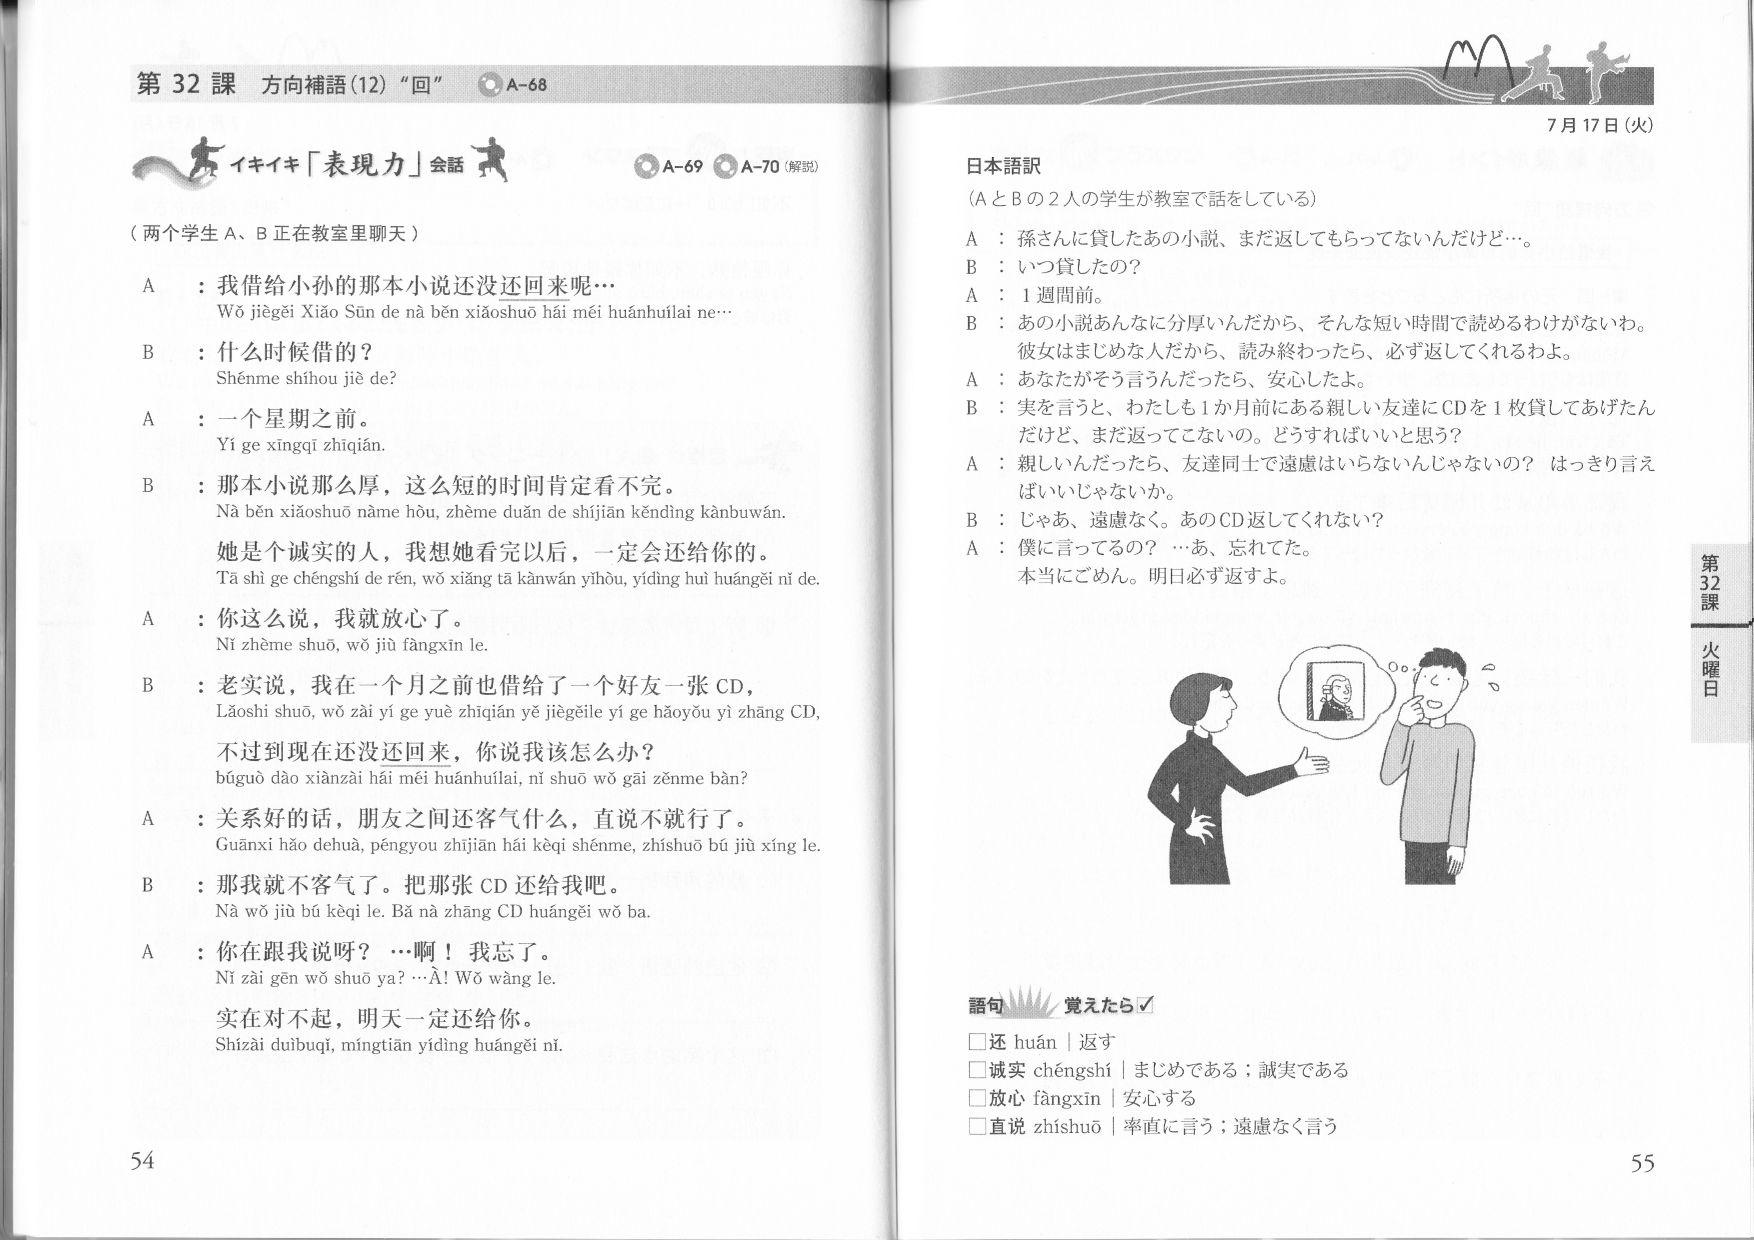 中国語 聞き間違いを例文化する(14年12月14日)_c0059093_12213898.jpg